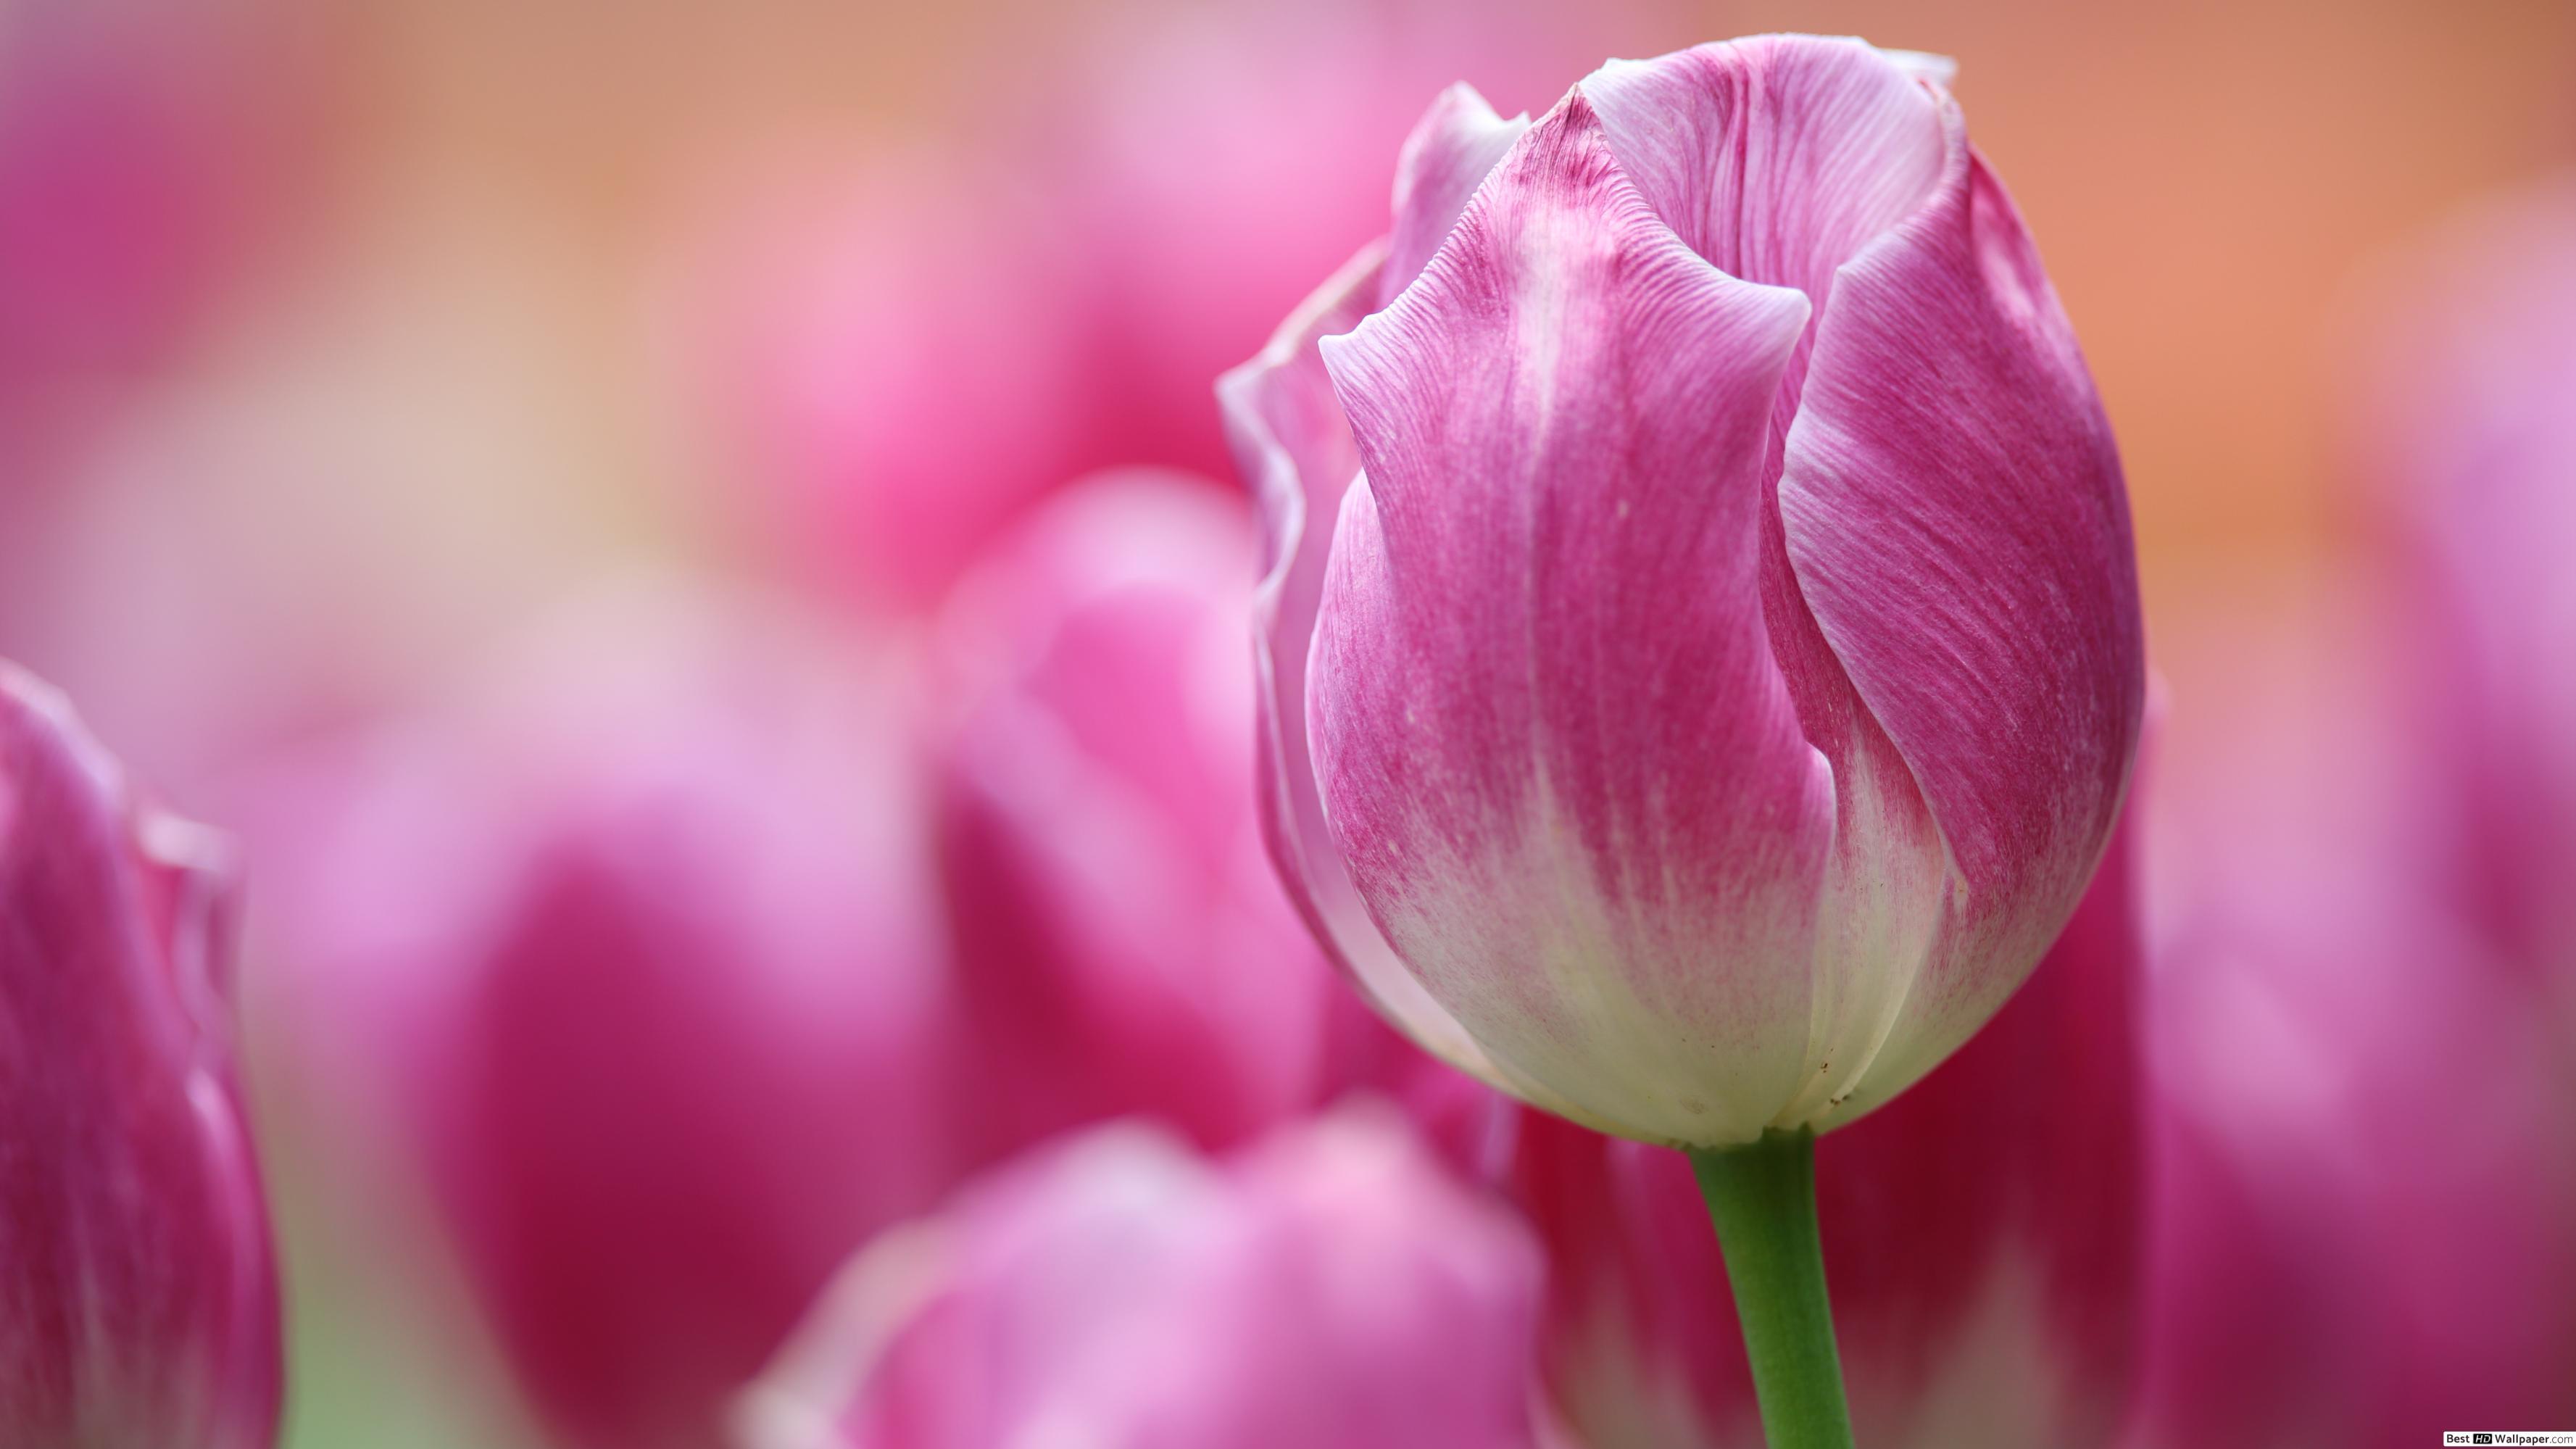 Windows 10 Hintergrundbild Tulpen - HD Wallpaper